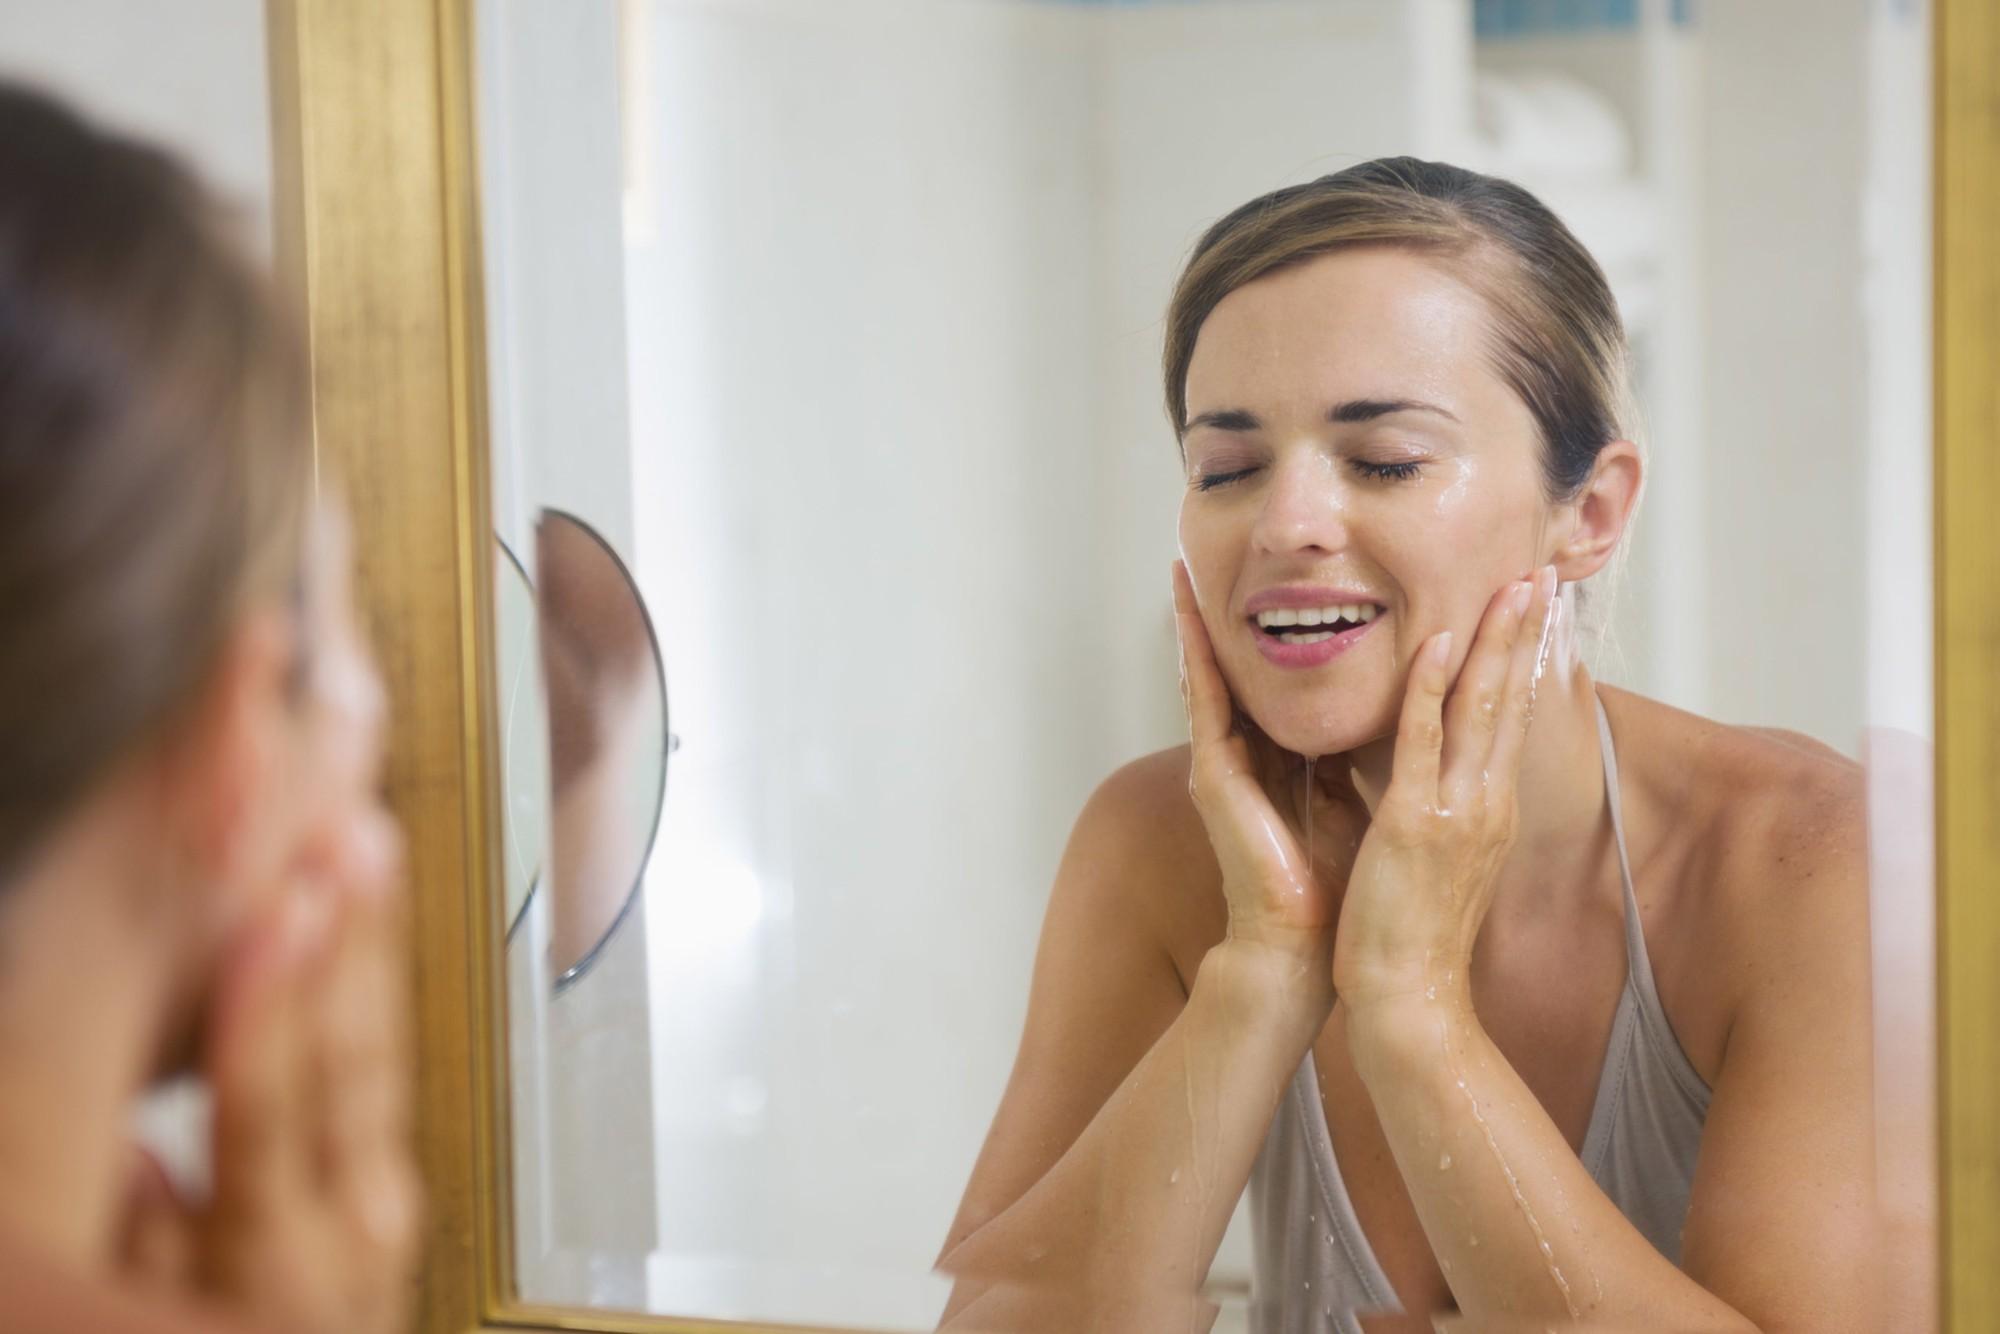 Cứ lặp lại những thói quen này khi rửa mặt chỉ khiến làn da ngày càng khô xỉn, thiếu sức sống - Ảnh 2.